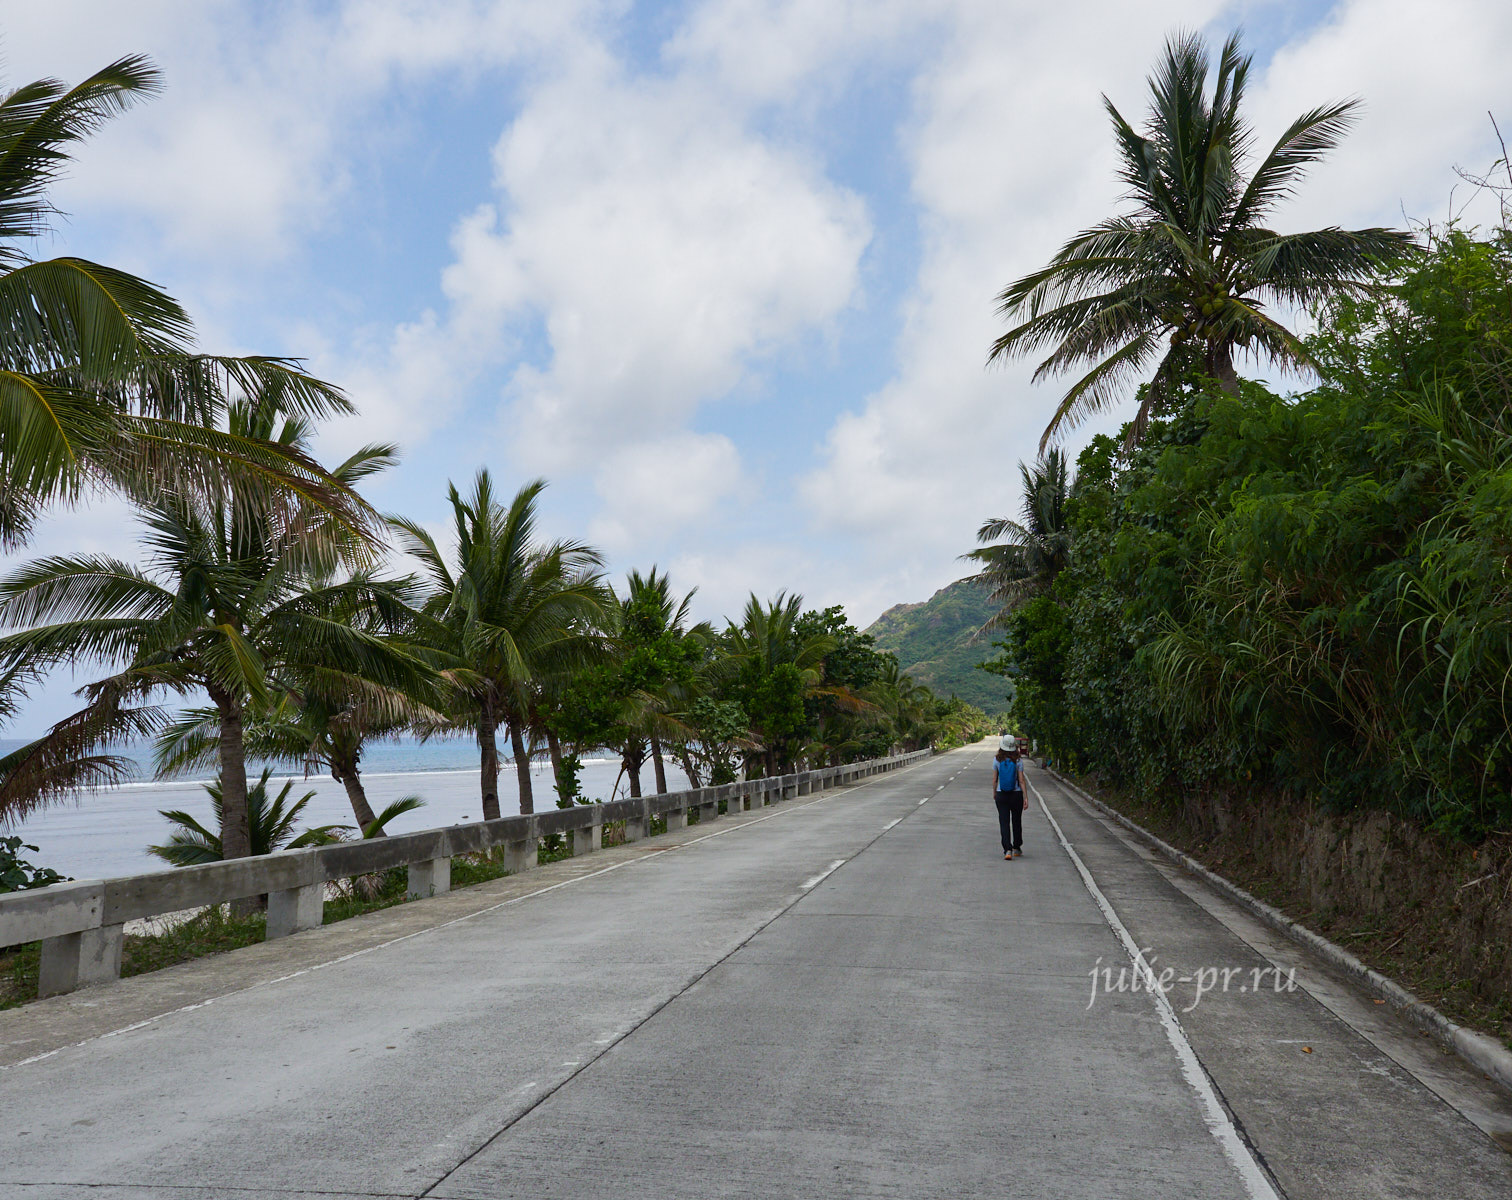 Филиппины, острова Батанес, дорога